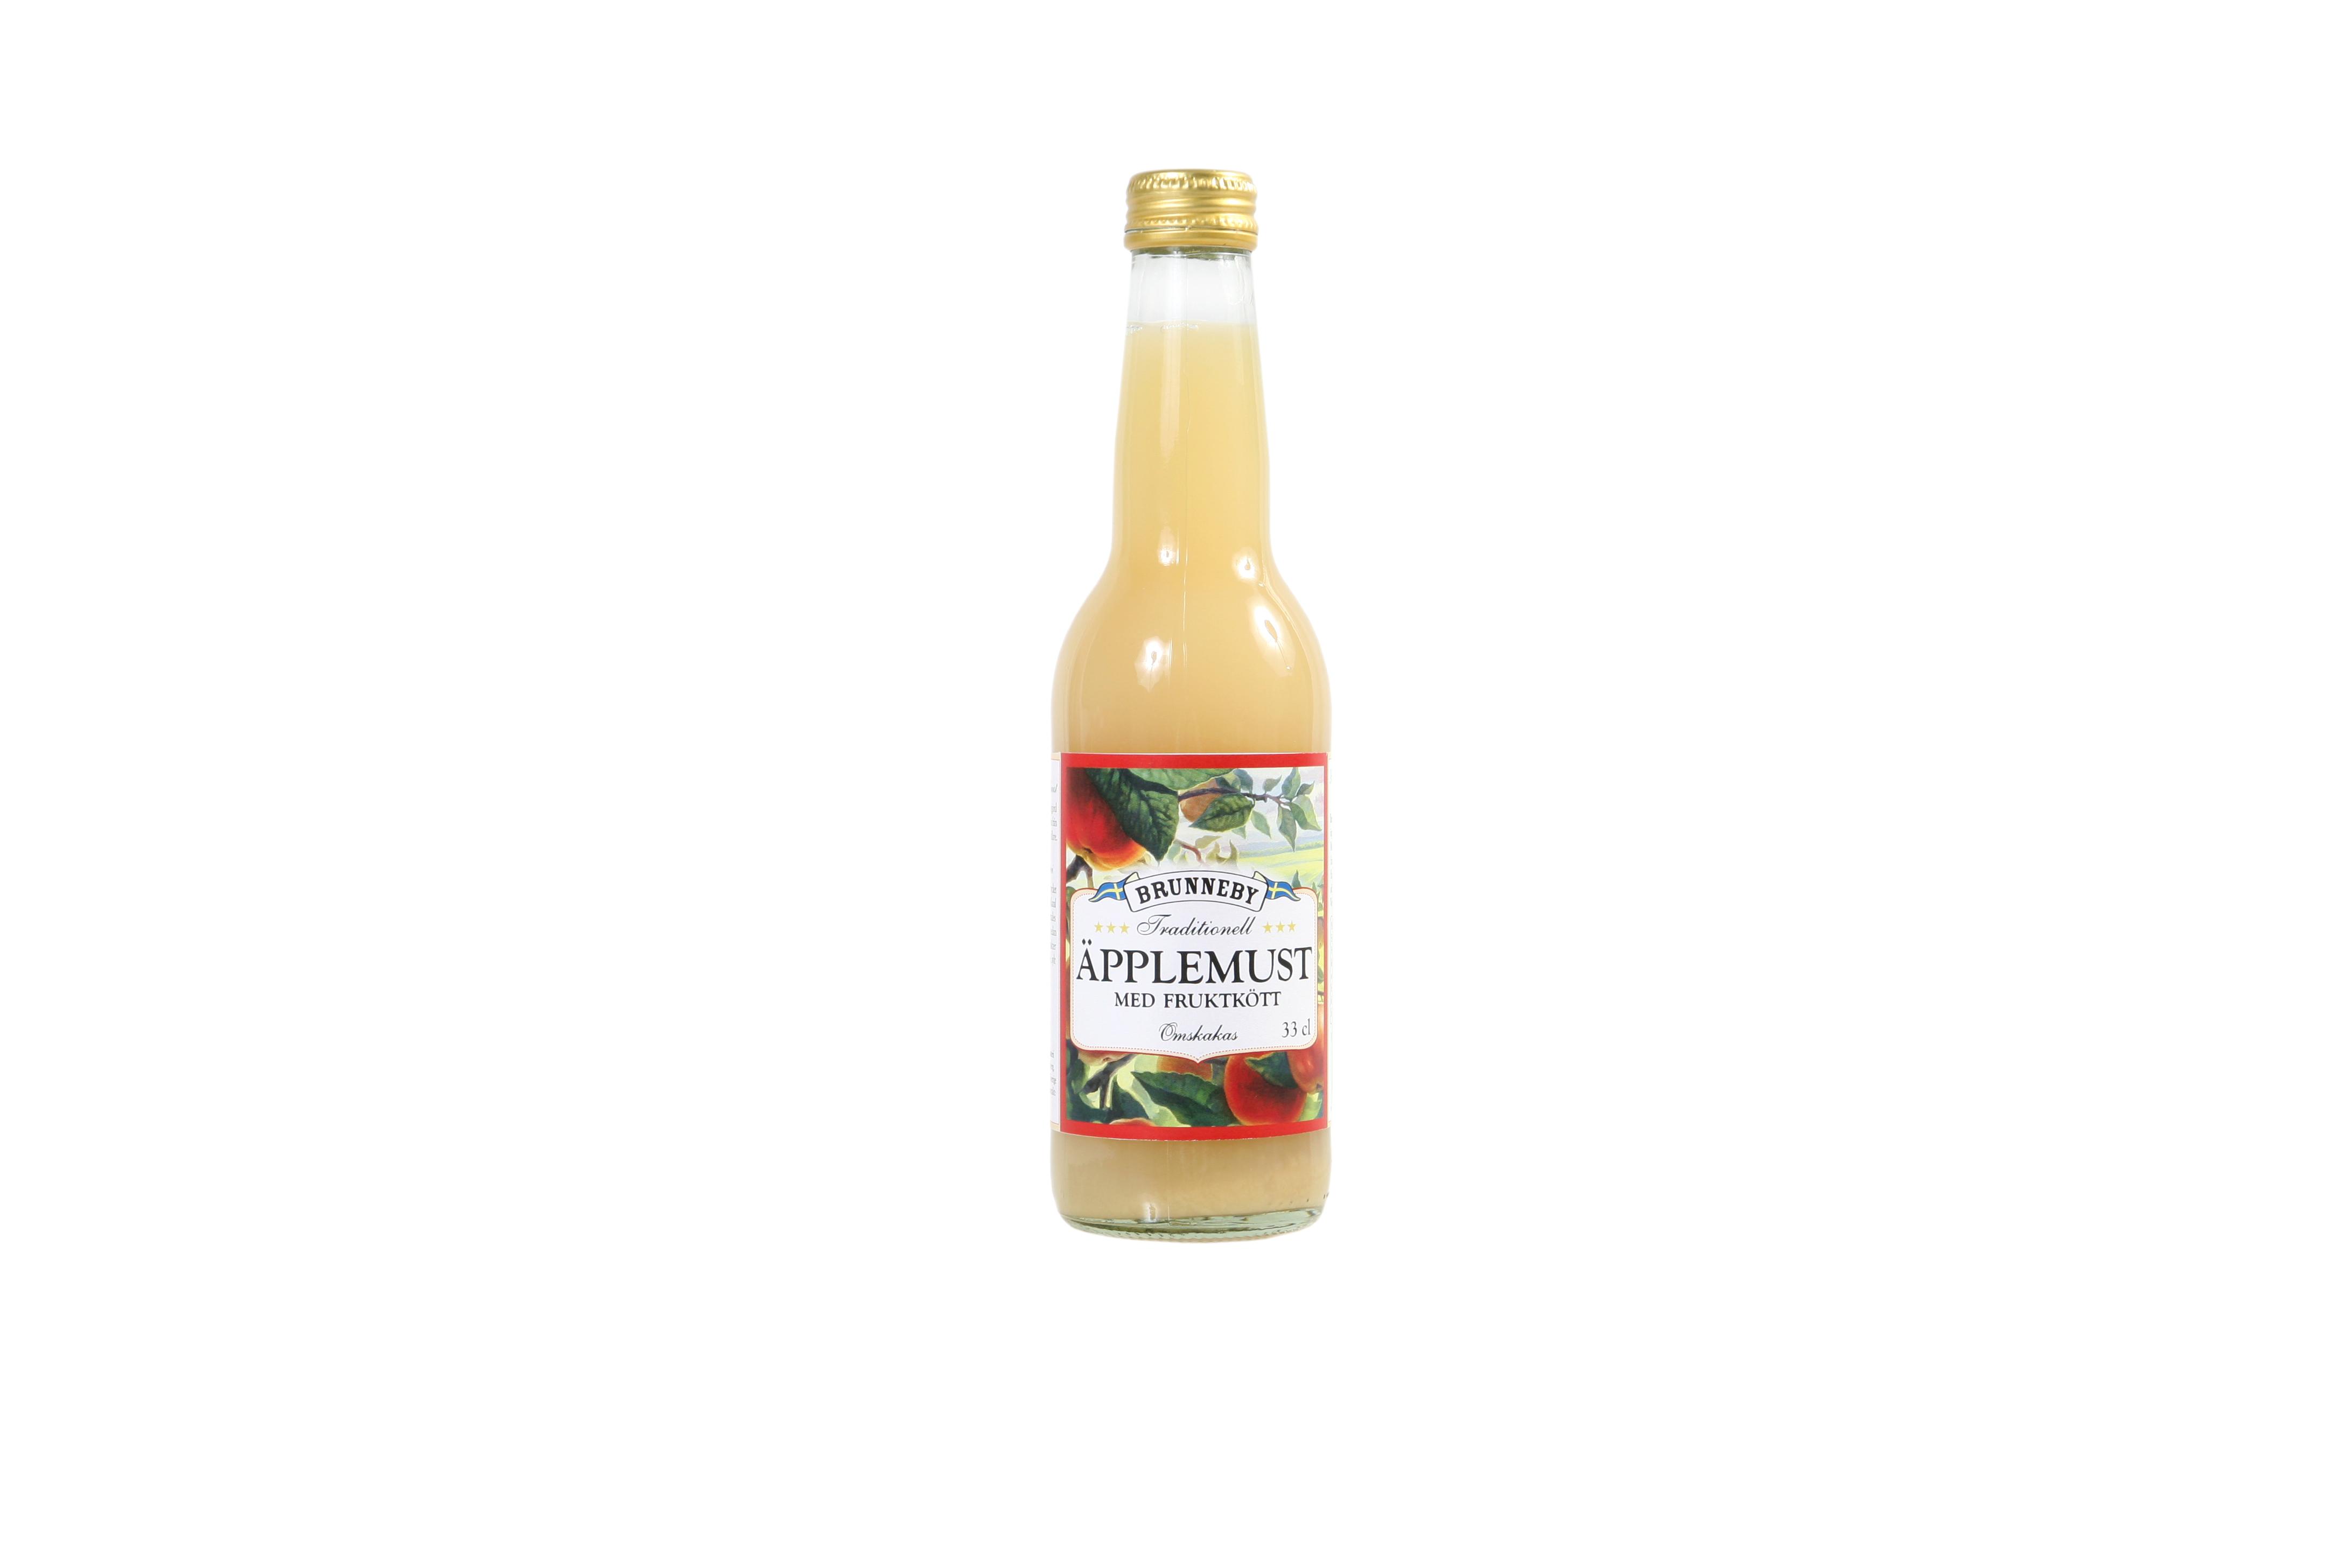 Högupplöst bild på Äpplemust med fruktkött i 33cl flaska.